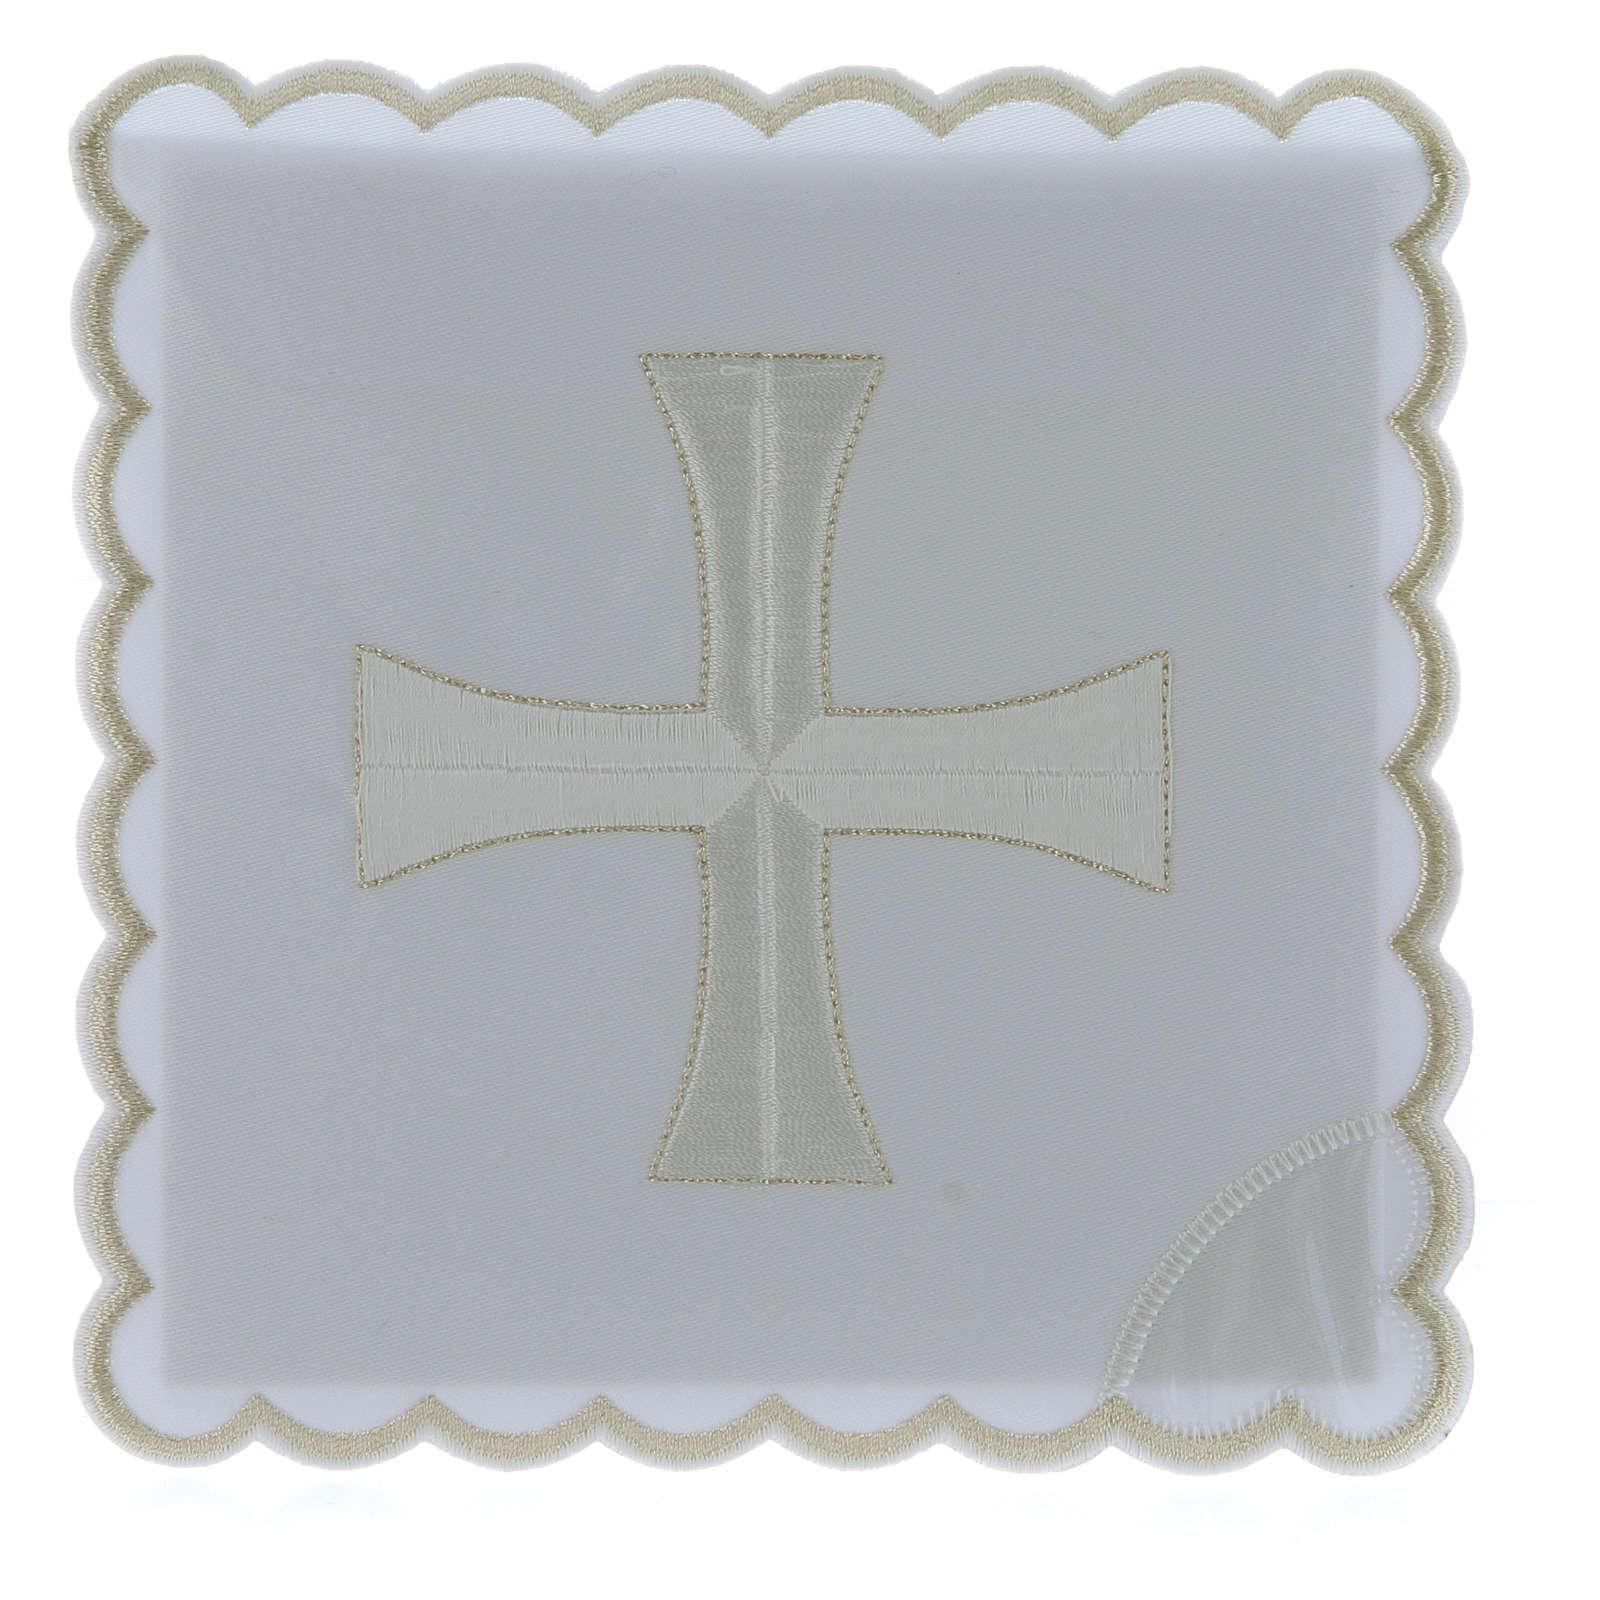 Kelchwäsche aus Baumwolle mit gesticktem Kreuz in den Farben Weiß und Silber 4